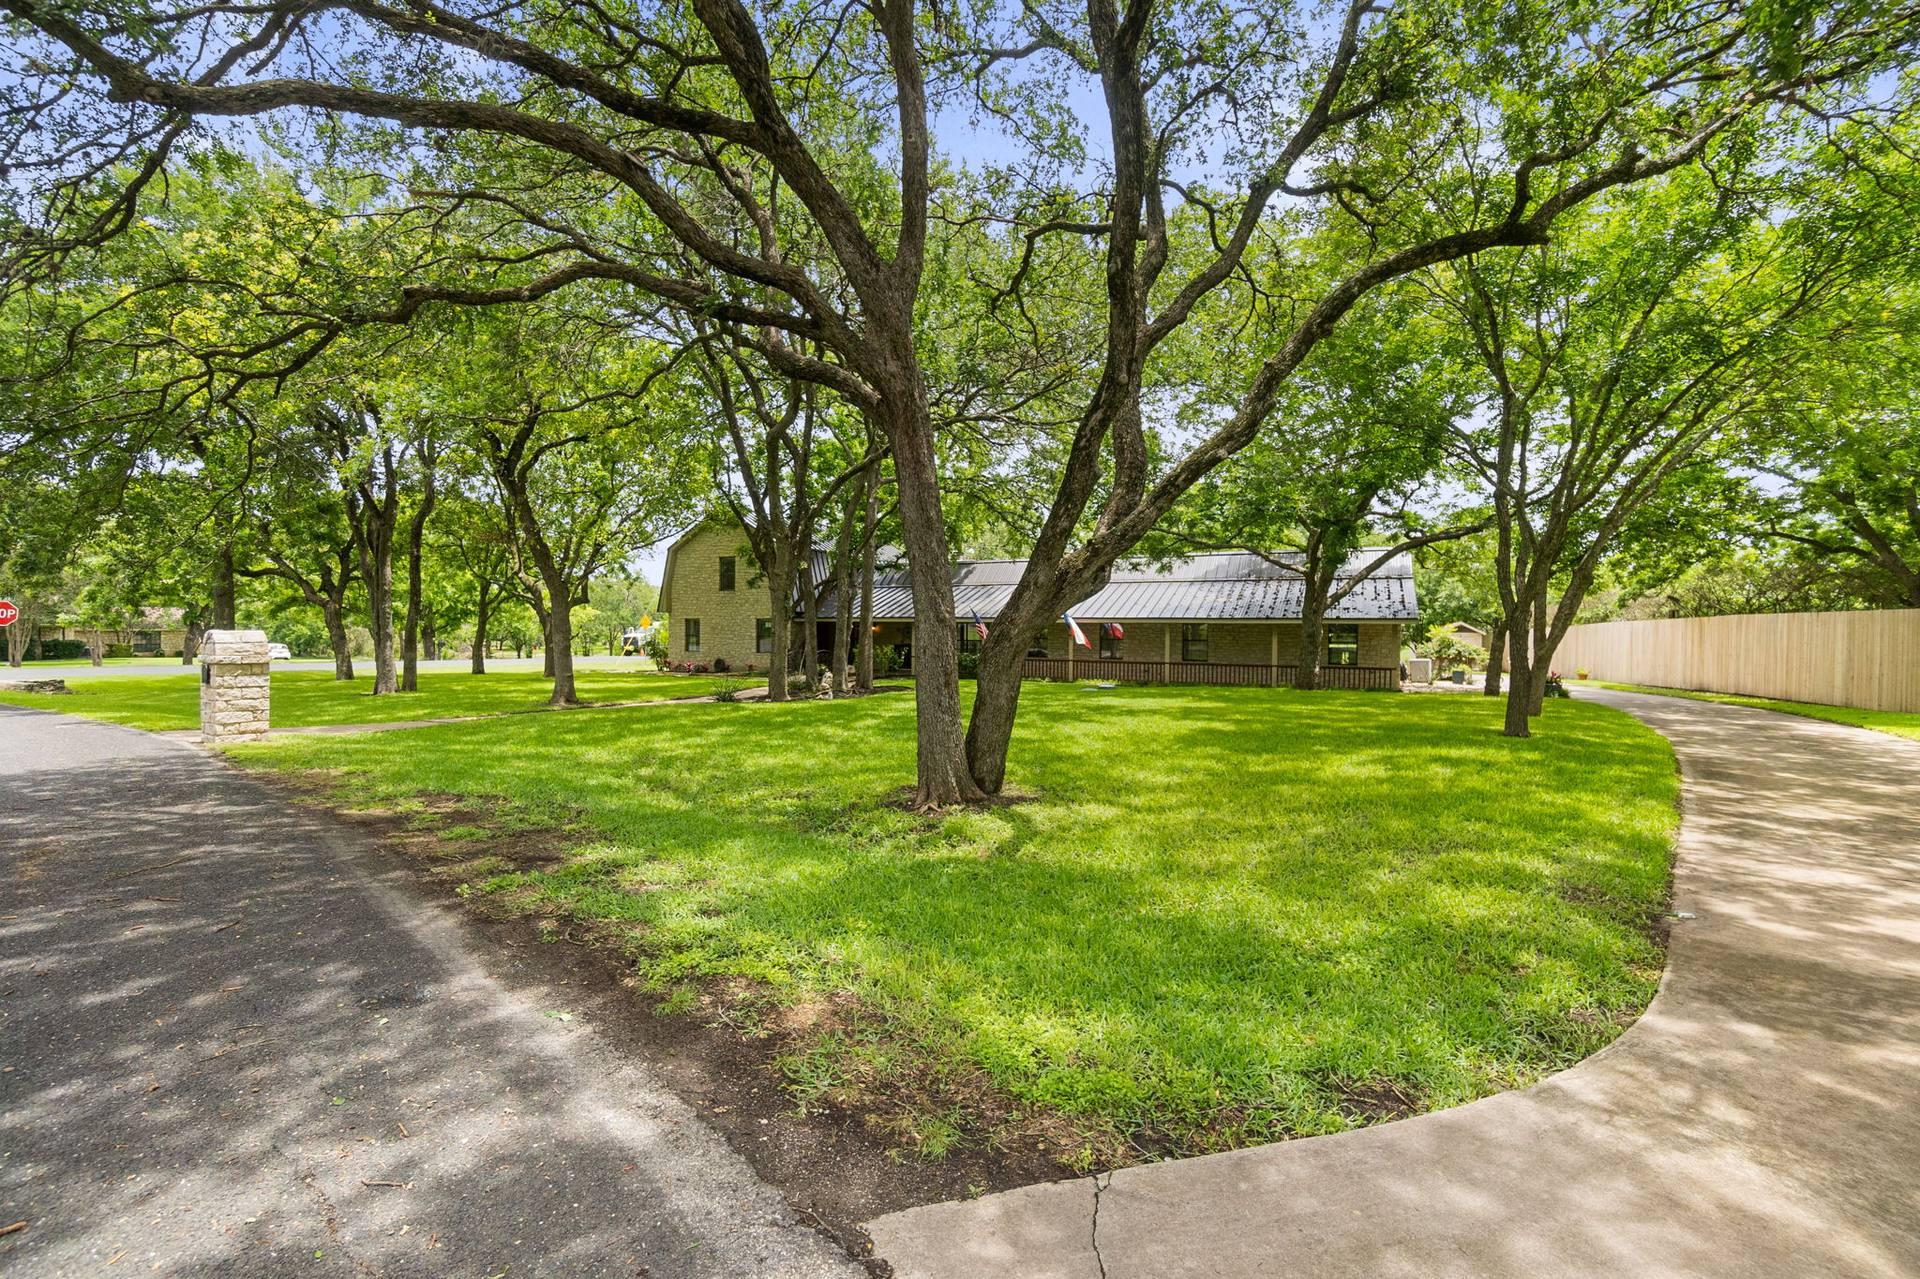 3301 Arrowhead Cir, Round Rock, TX 78681, US